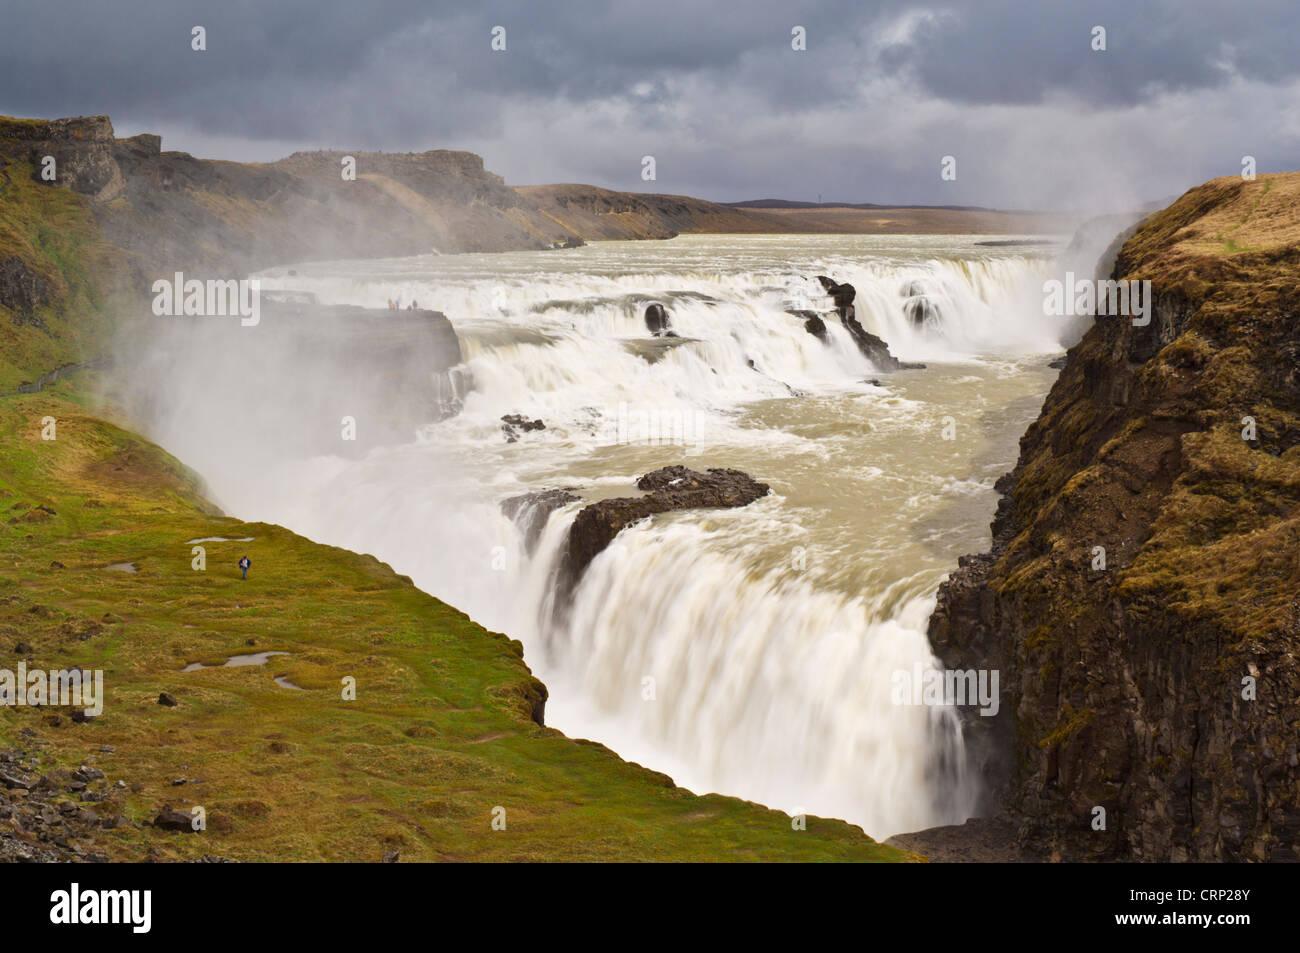 Gullfoss golden falls waterfall part of the golden circle tour Iceland EU Europe - Stock Image